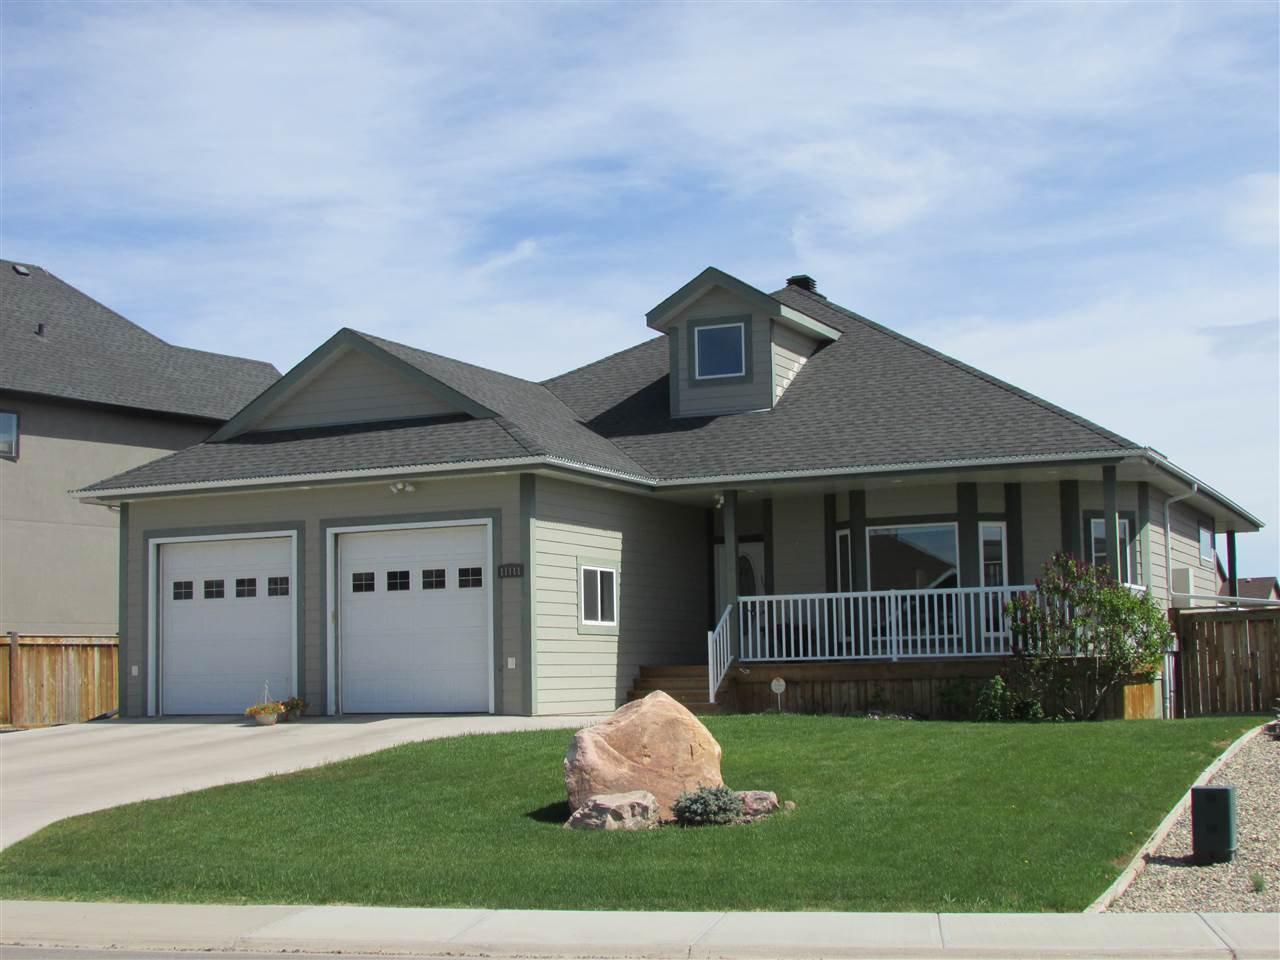 """Main Photo: 11111 88 Street in Fort St. John: Fort St. John - City NE House for sale in """"WHISPERING WINDS"""" (Fort St. John (Zone 60))  : MLS®# R2250380"""